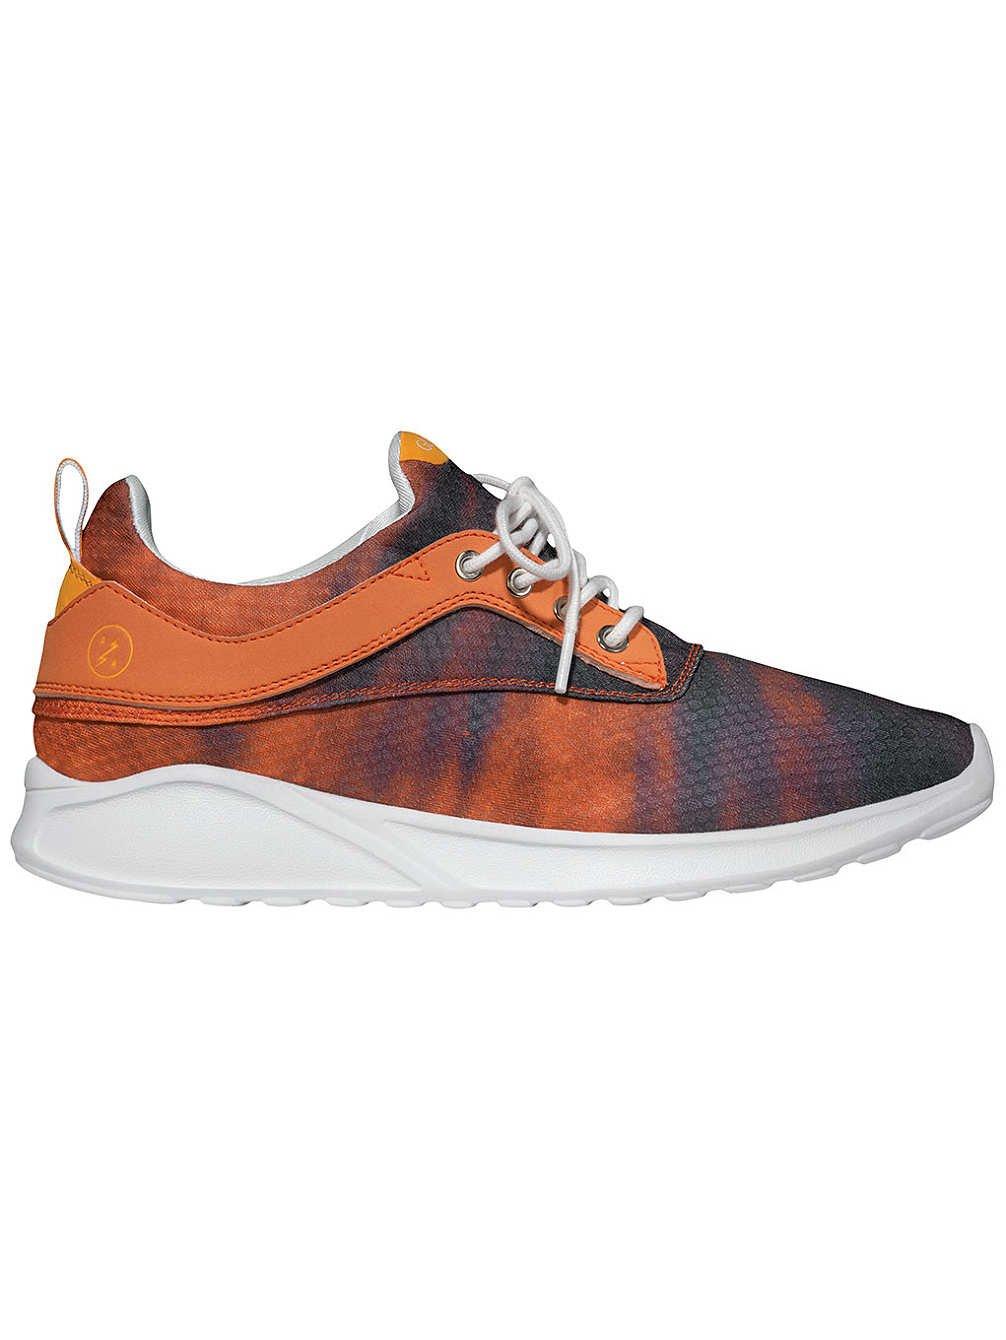 Globe - Zapatillas, Unisex 30.00|sr bali En línea Obtenga la mejor oferta barata de descuento más grande